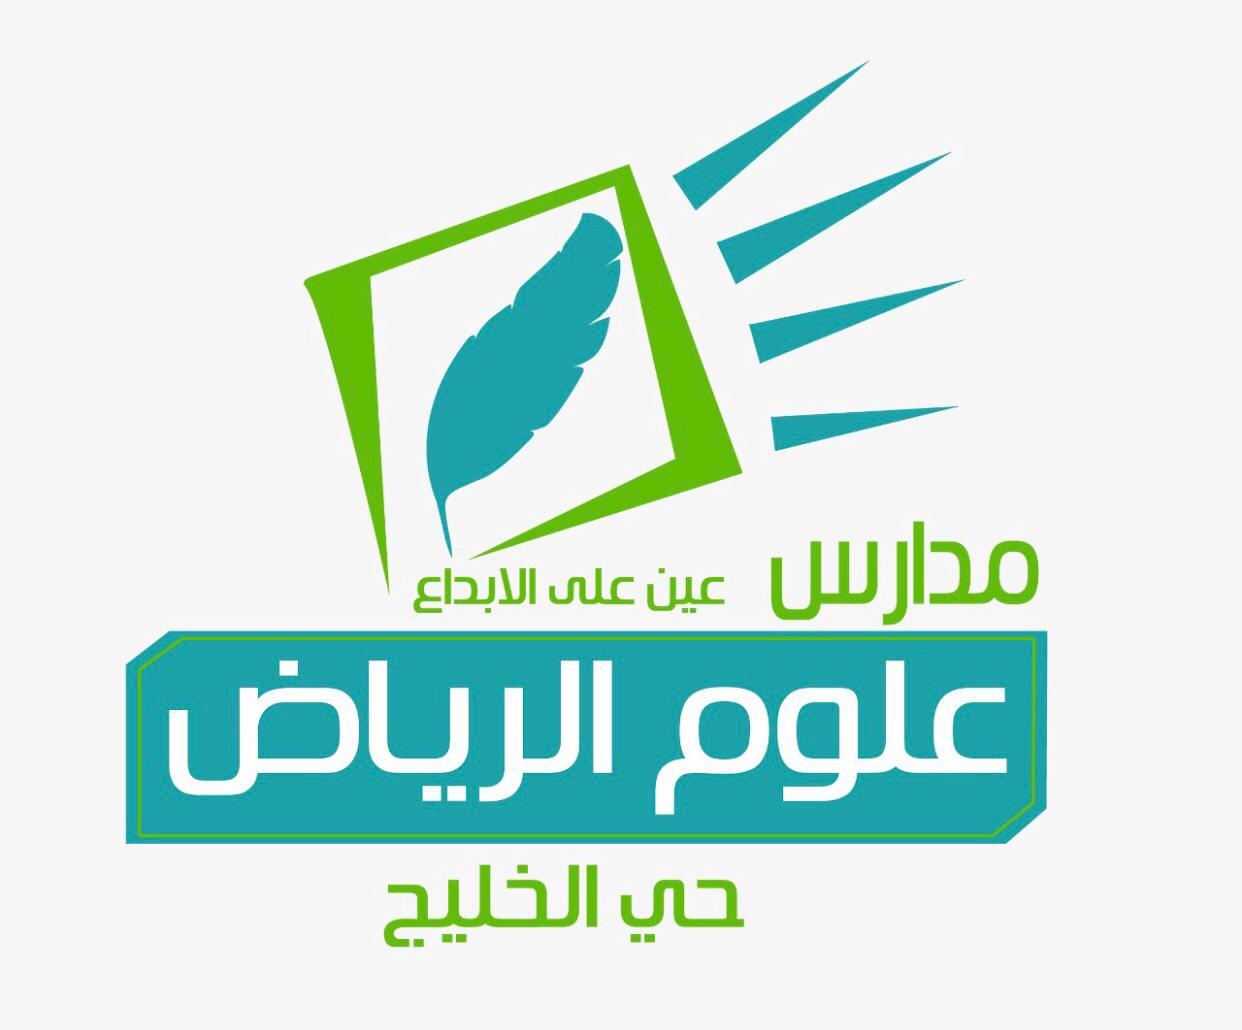 مدارس علوم الرياض الأهلية - حى الخليج